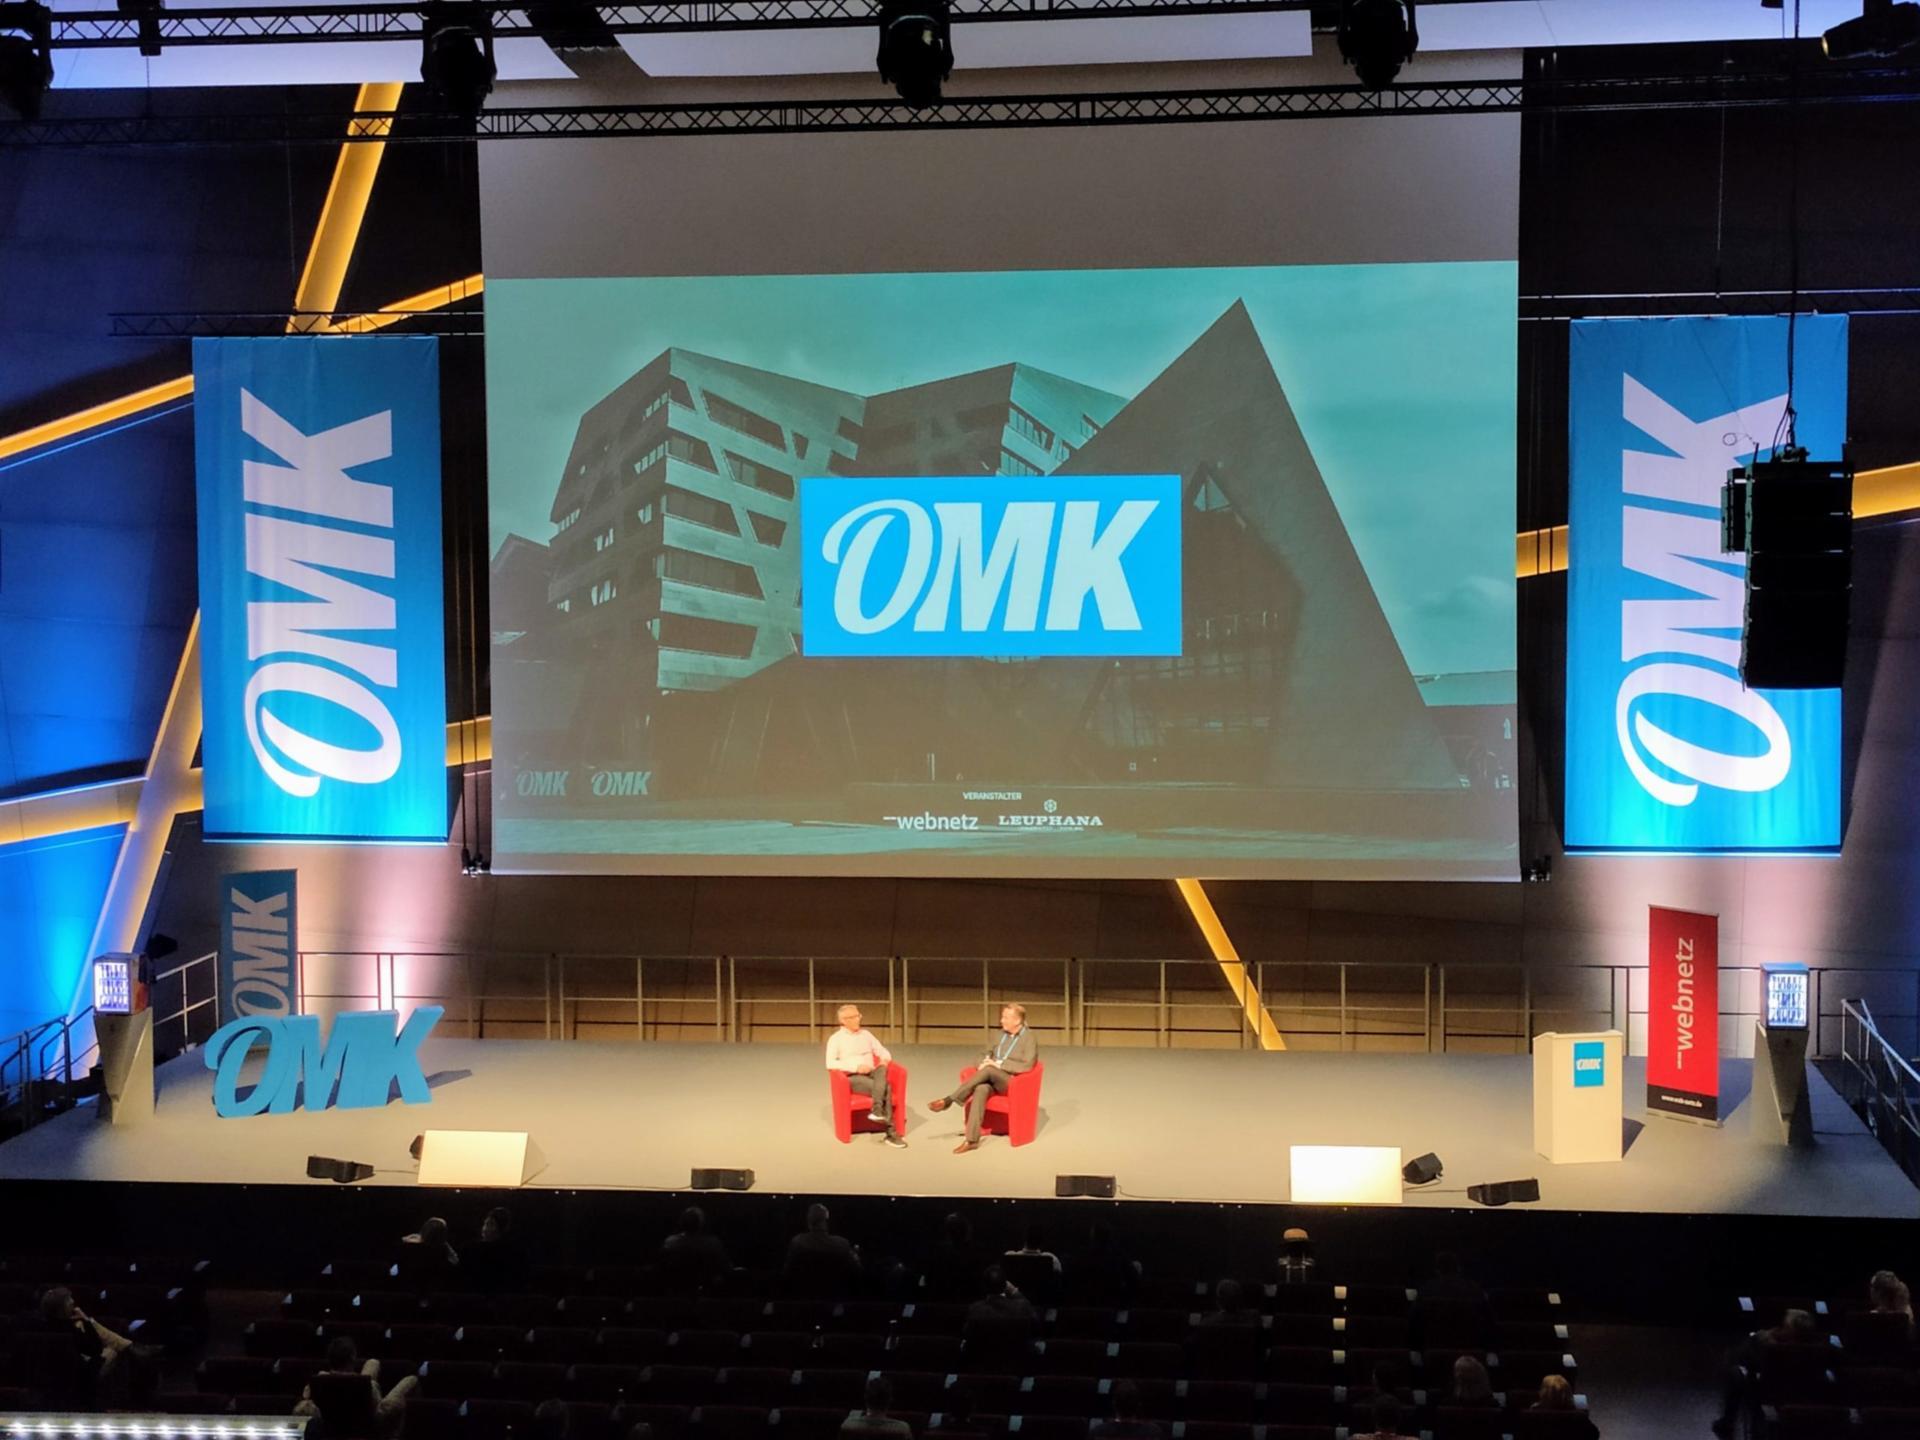 OMK 20190919 163352 scaled Konferenz: OMK 2019 - Die Online-Marketing-Konferenz in Lüneburg